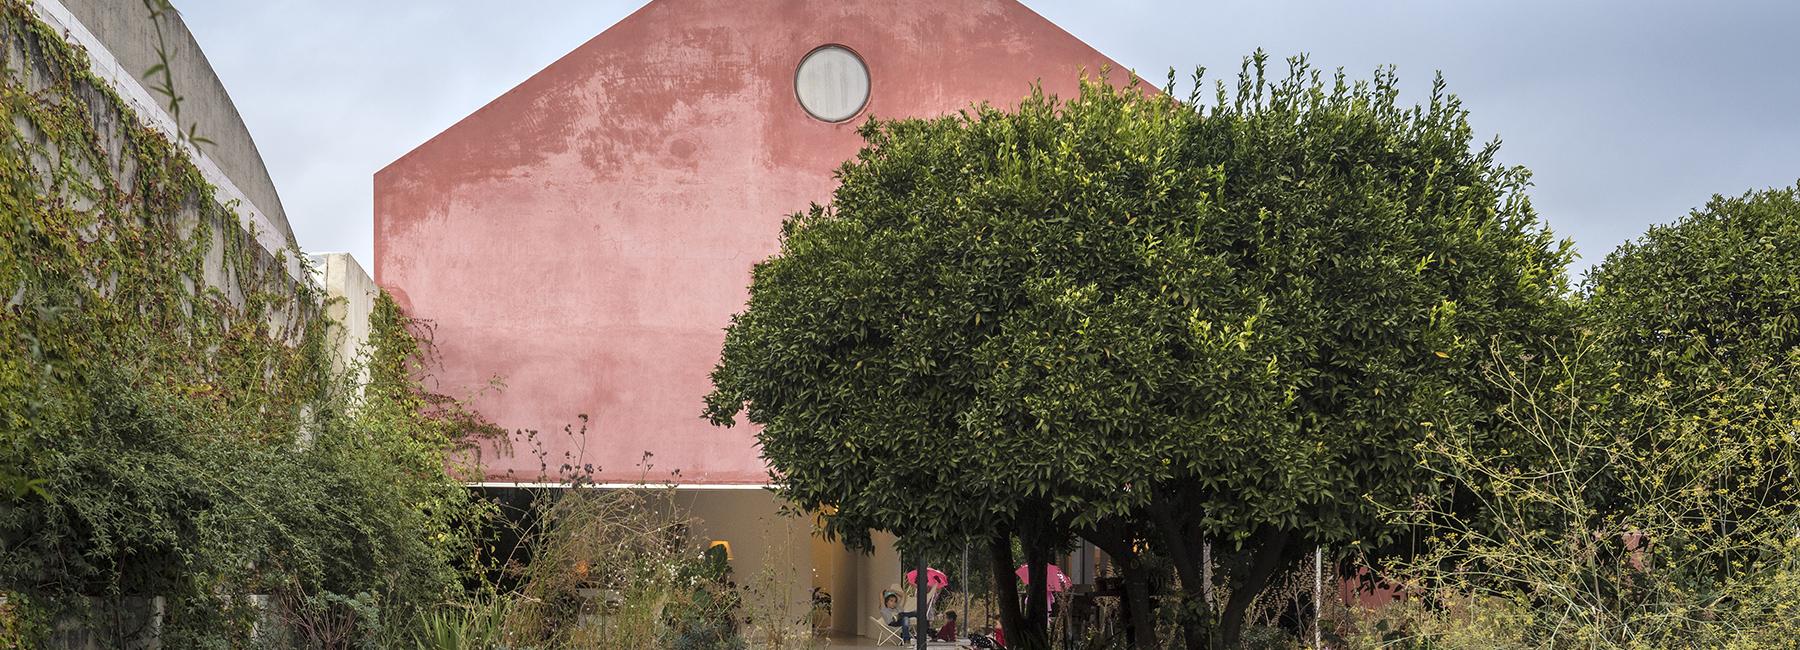 extrastudio-red-house-azeitao-portgual-fernando-guerra-designboom-1800.jpg